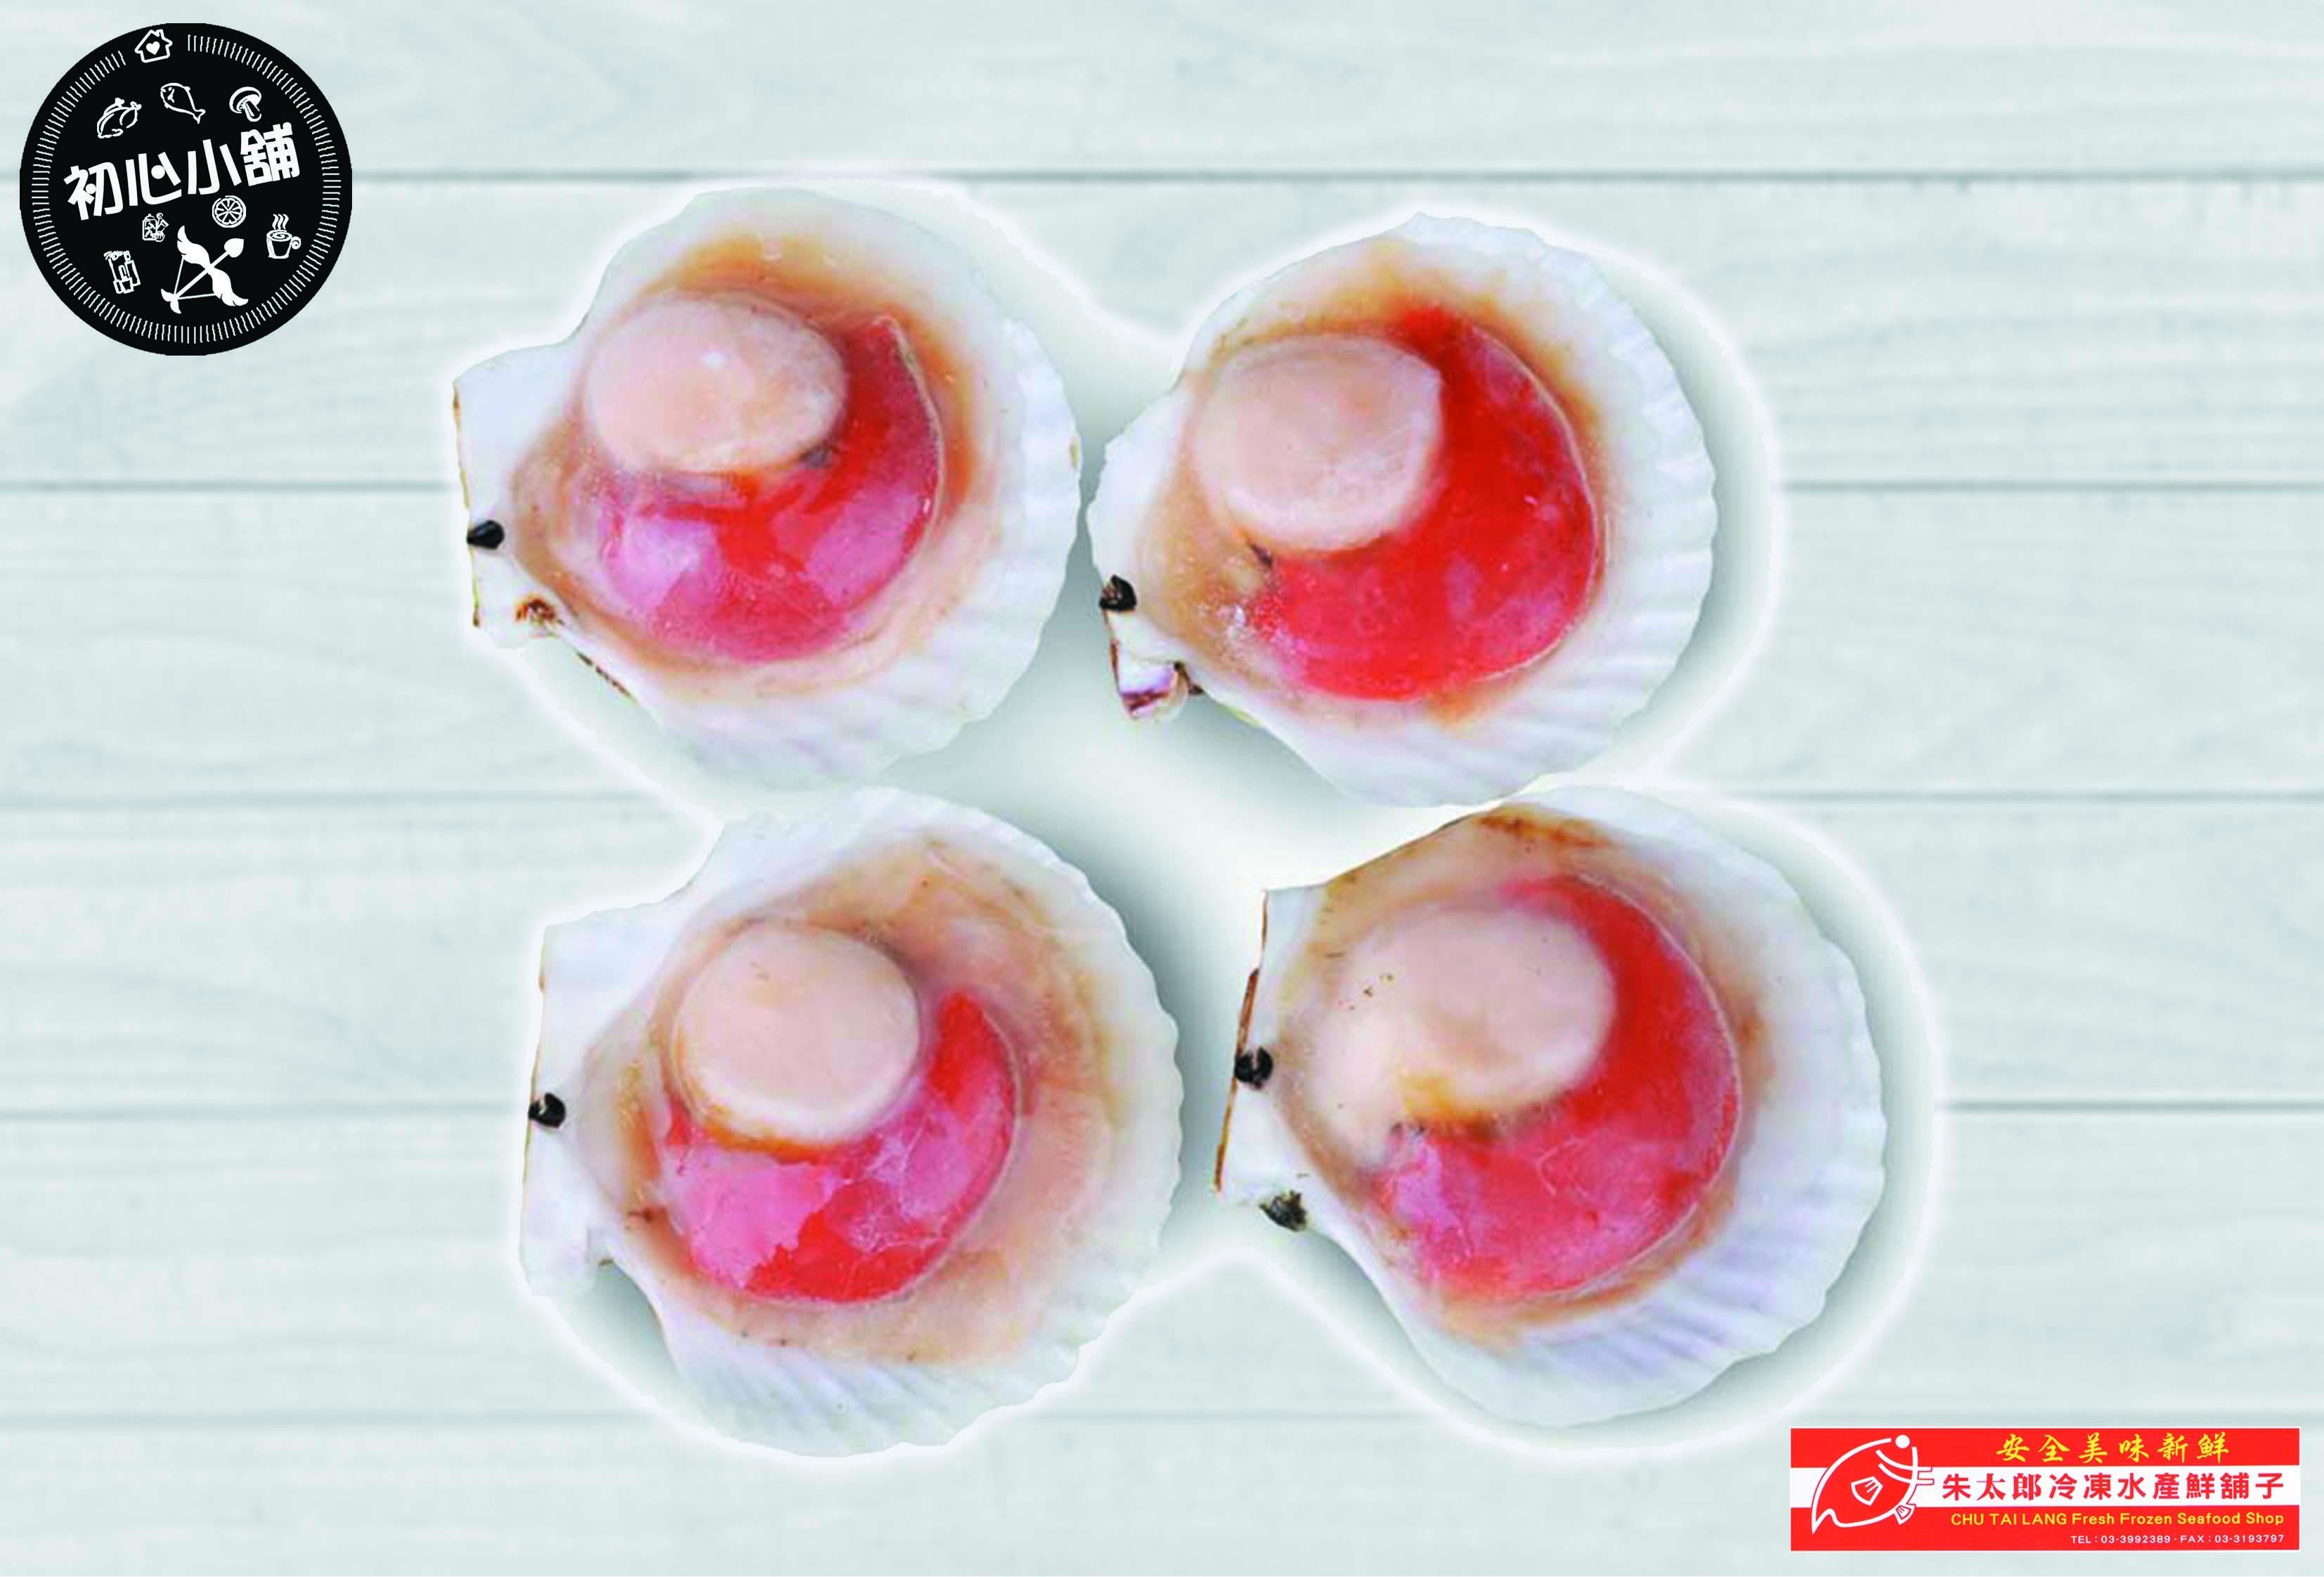 北海道日本扇貝